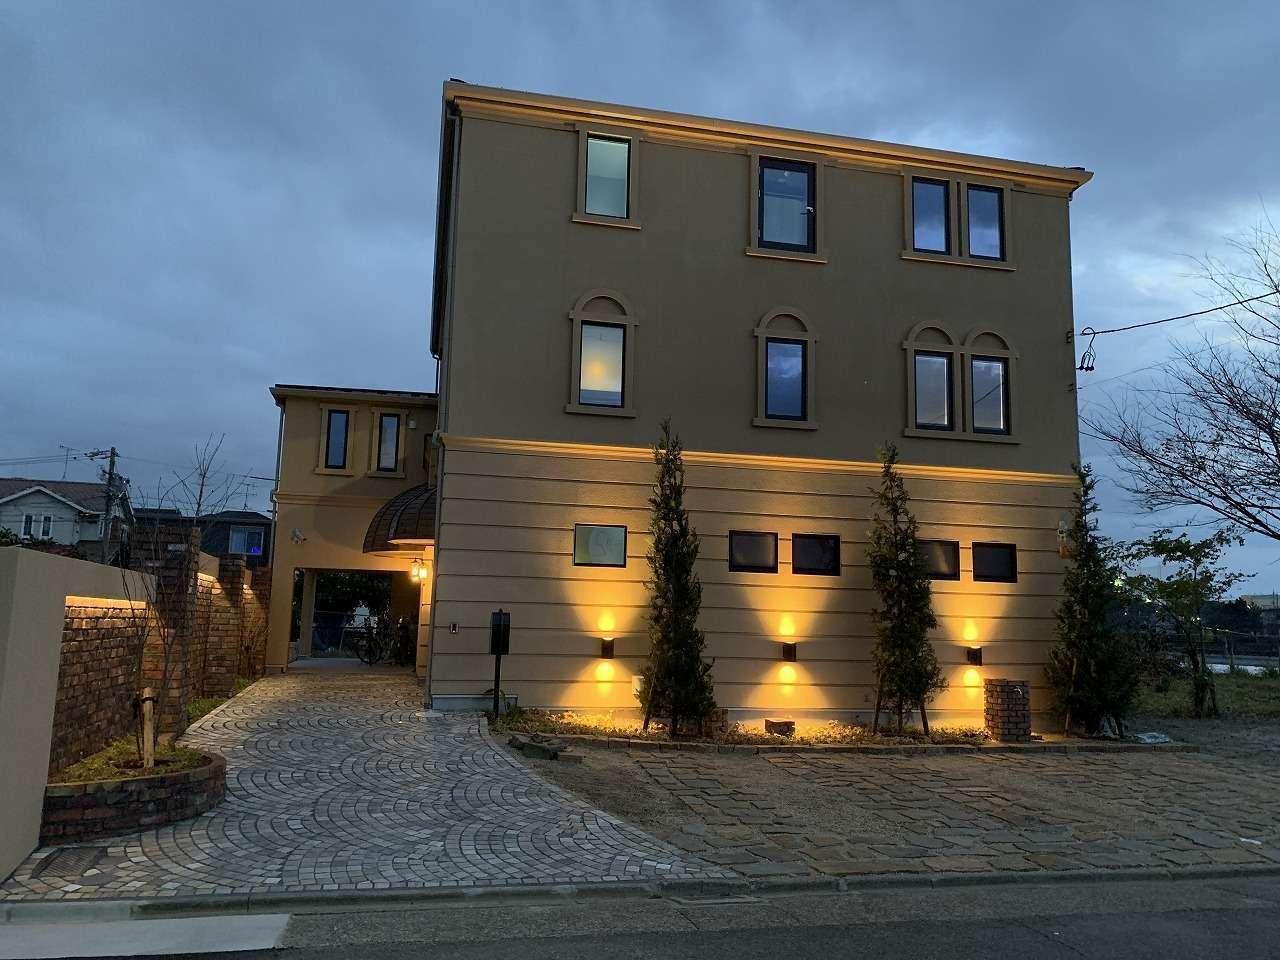 ツリーズ【デザイン住宅、輸入住宅、建築家】トワイライトに美しく浮かび上がるジュエリークラフトショップ。1階がショールーム、2階が工房、3階が長女の自宅。地震に強い2×4工法を採用